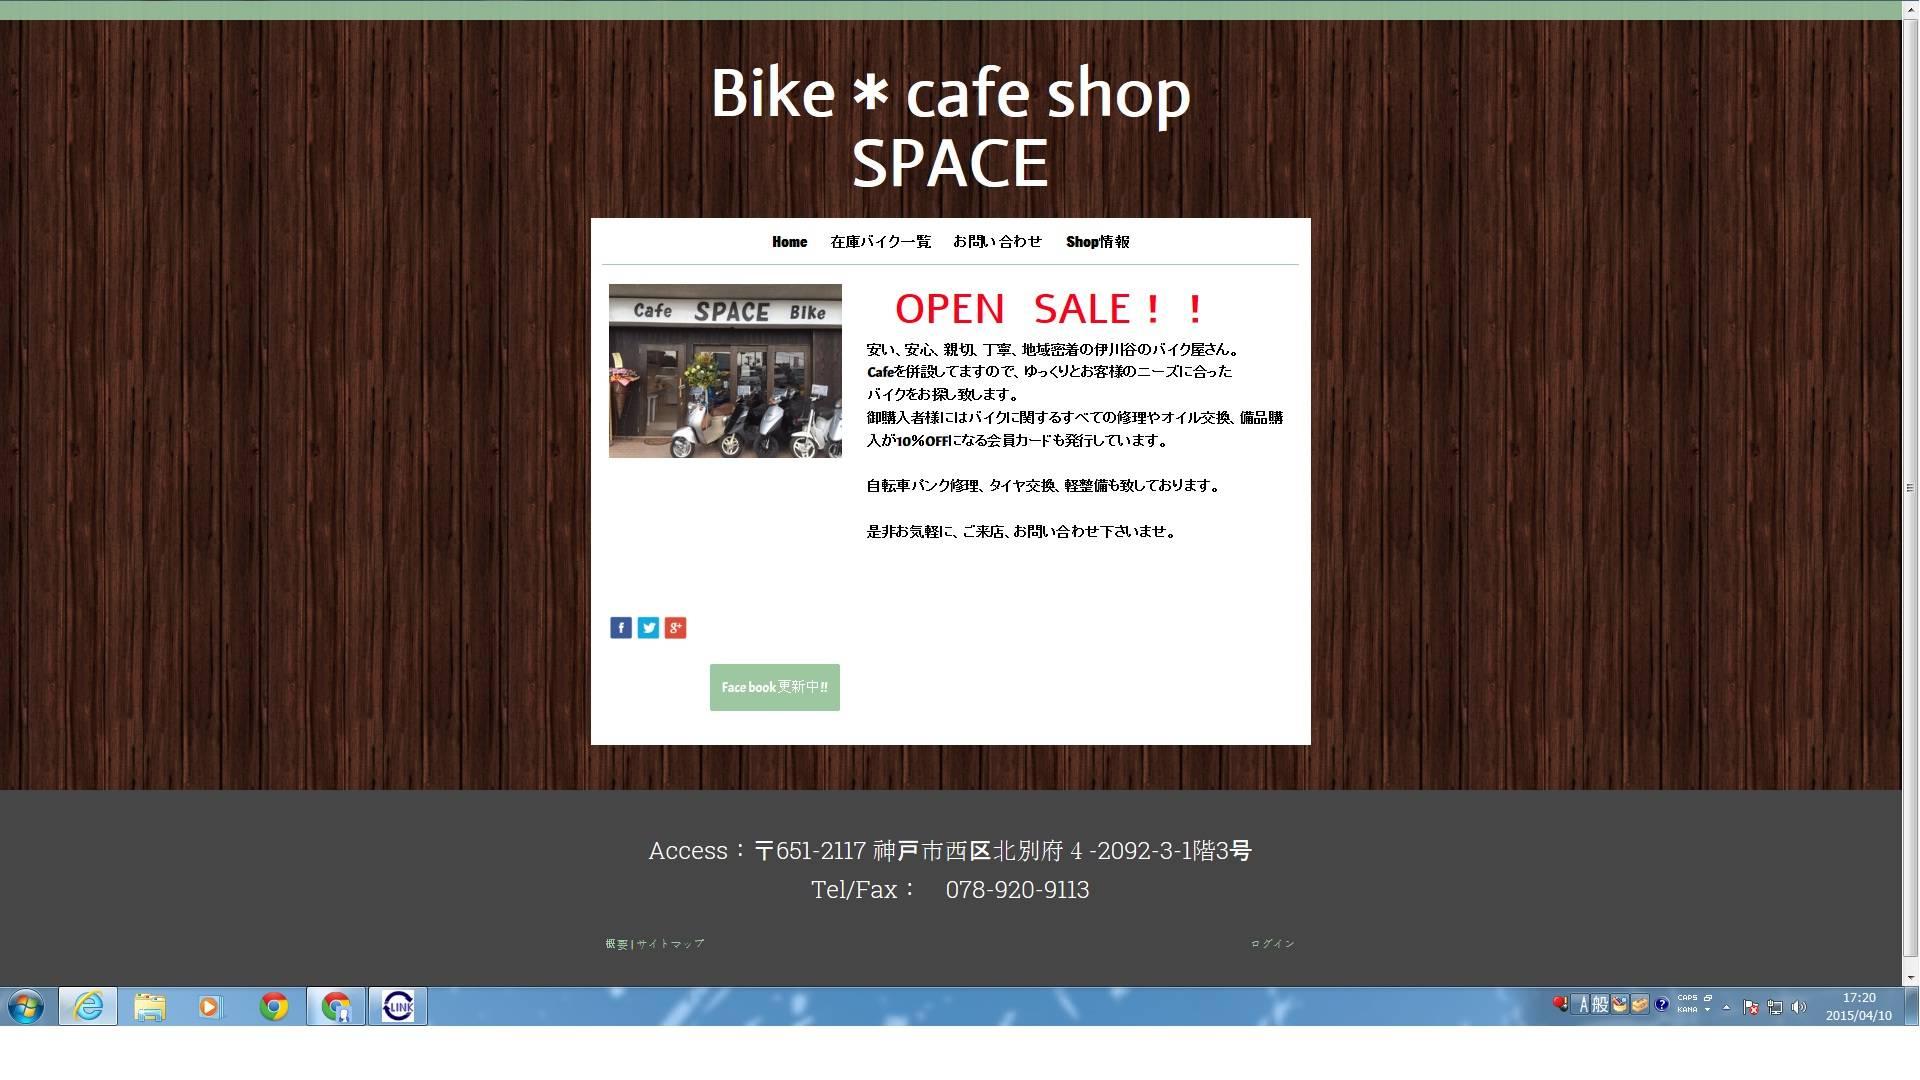 バイク*カフェshop SPACE